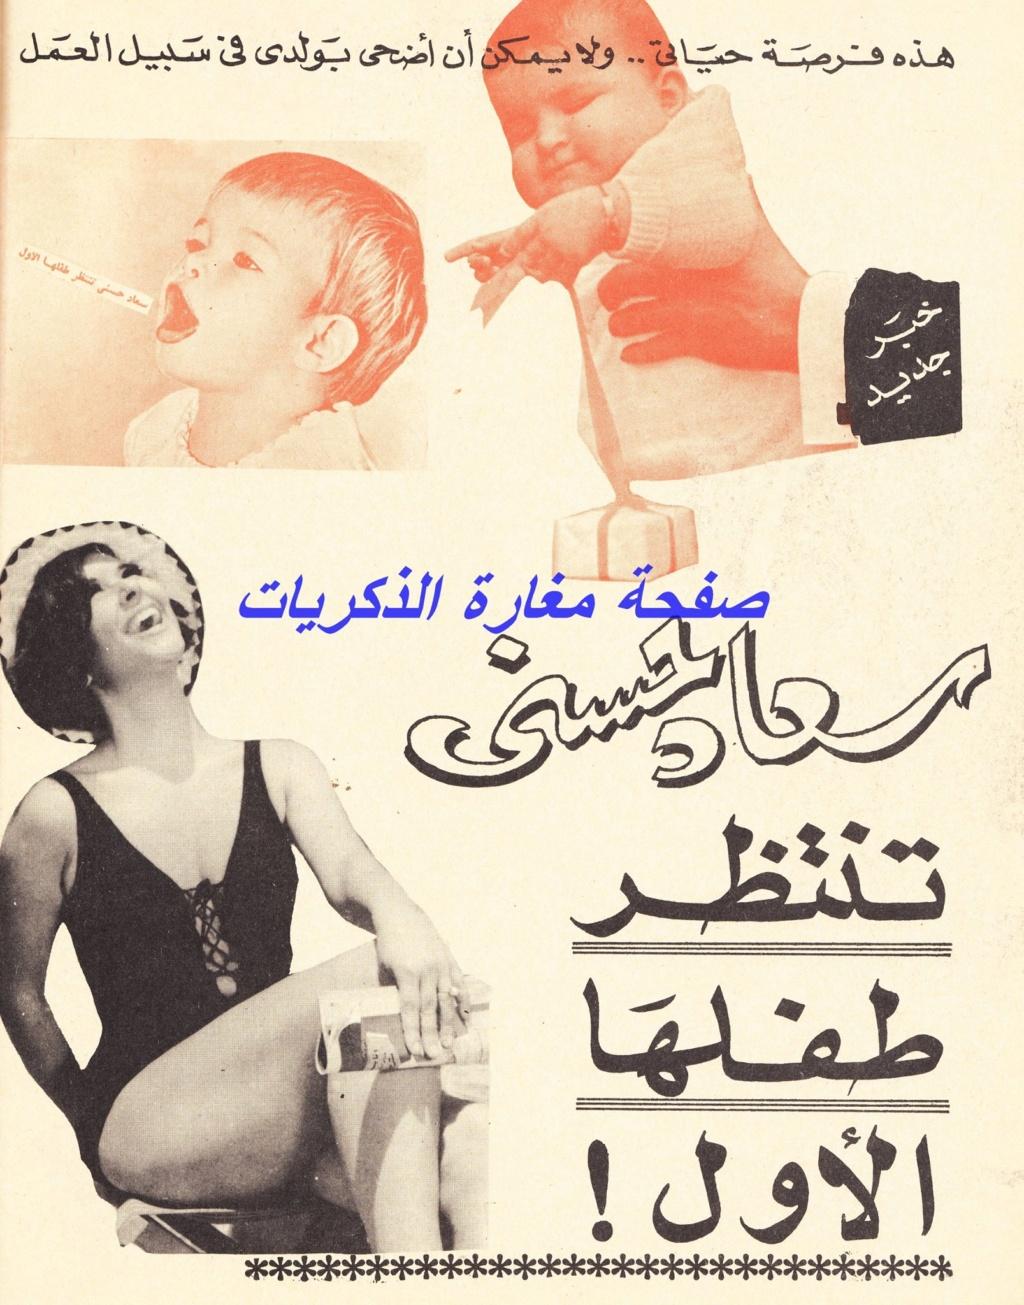 خبر صحفي : سعاد حسني تنتظر طفلها الأول ! 1970 م 1277